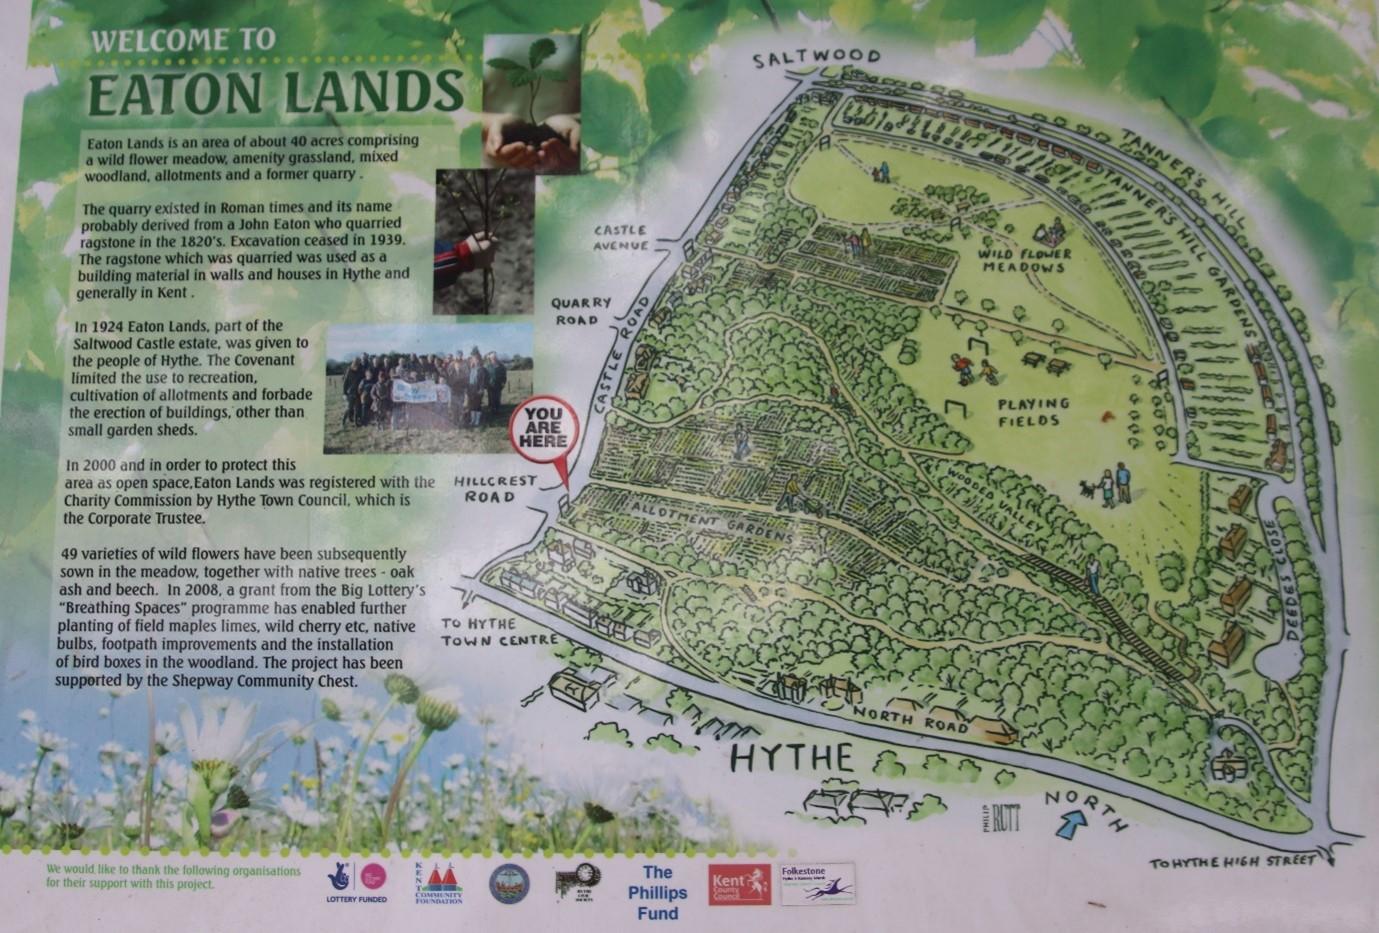 Eaton Lands